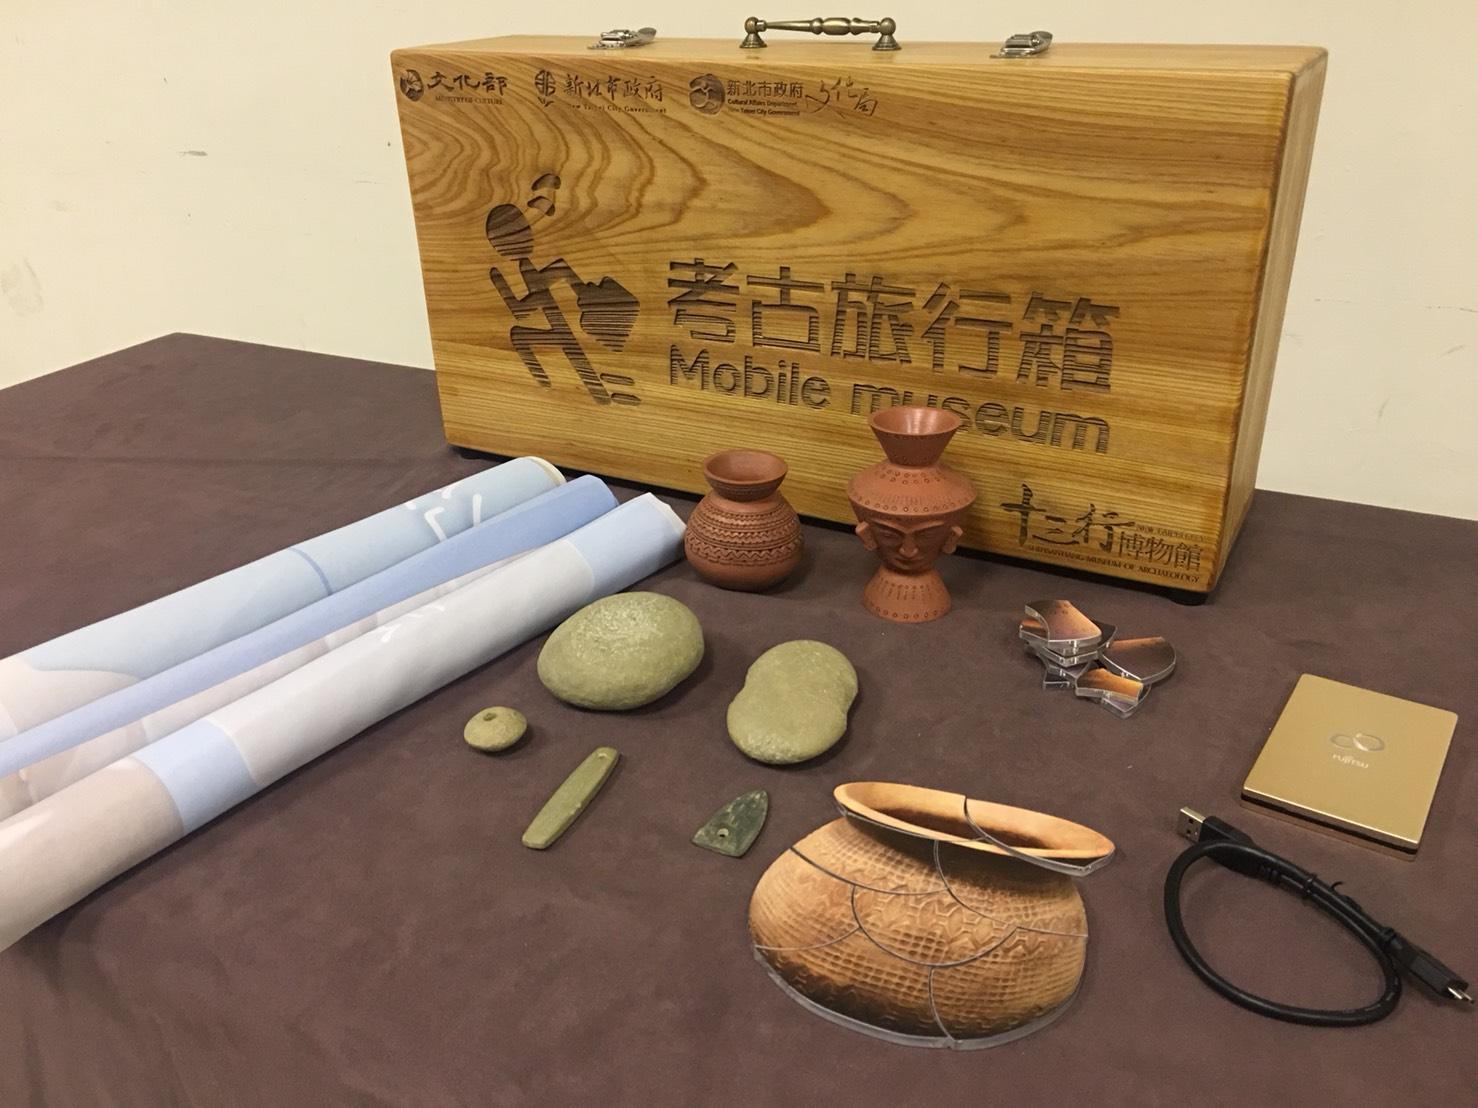 107年考古旅行箱活動計畫